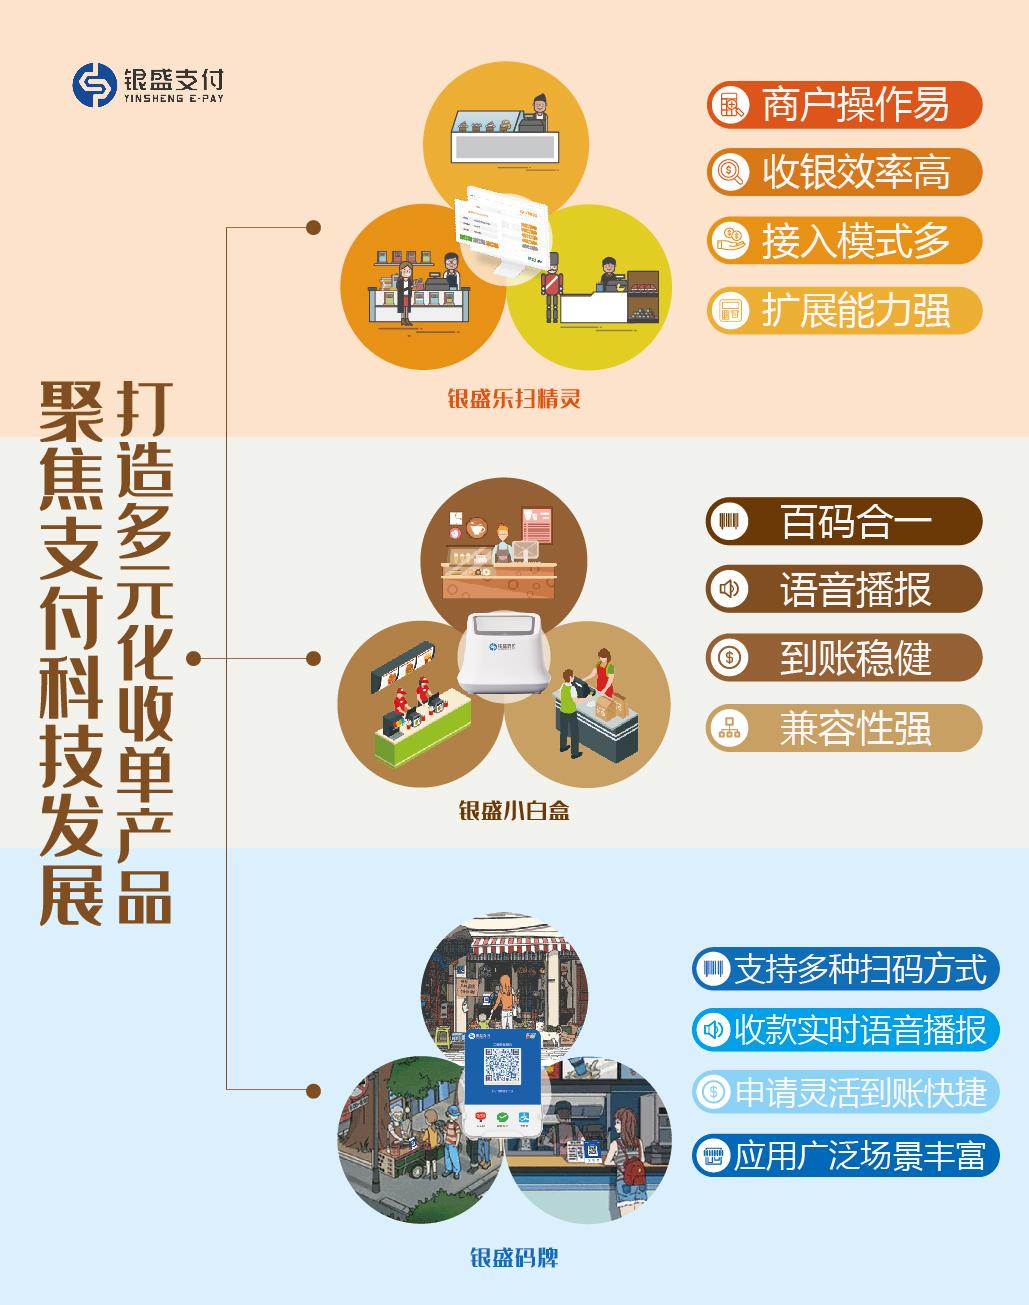 银盛支付助力山东滨州供暖缴费,数字化服务受好评